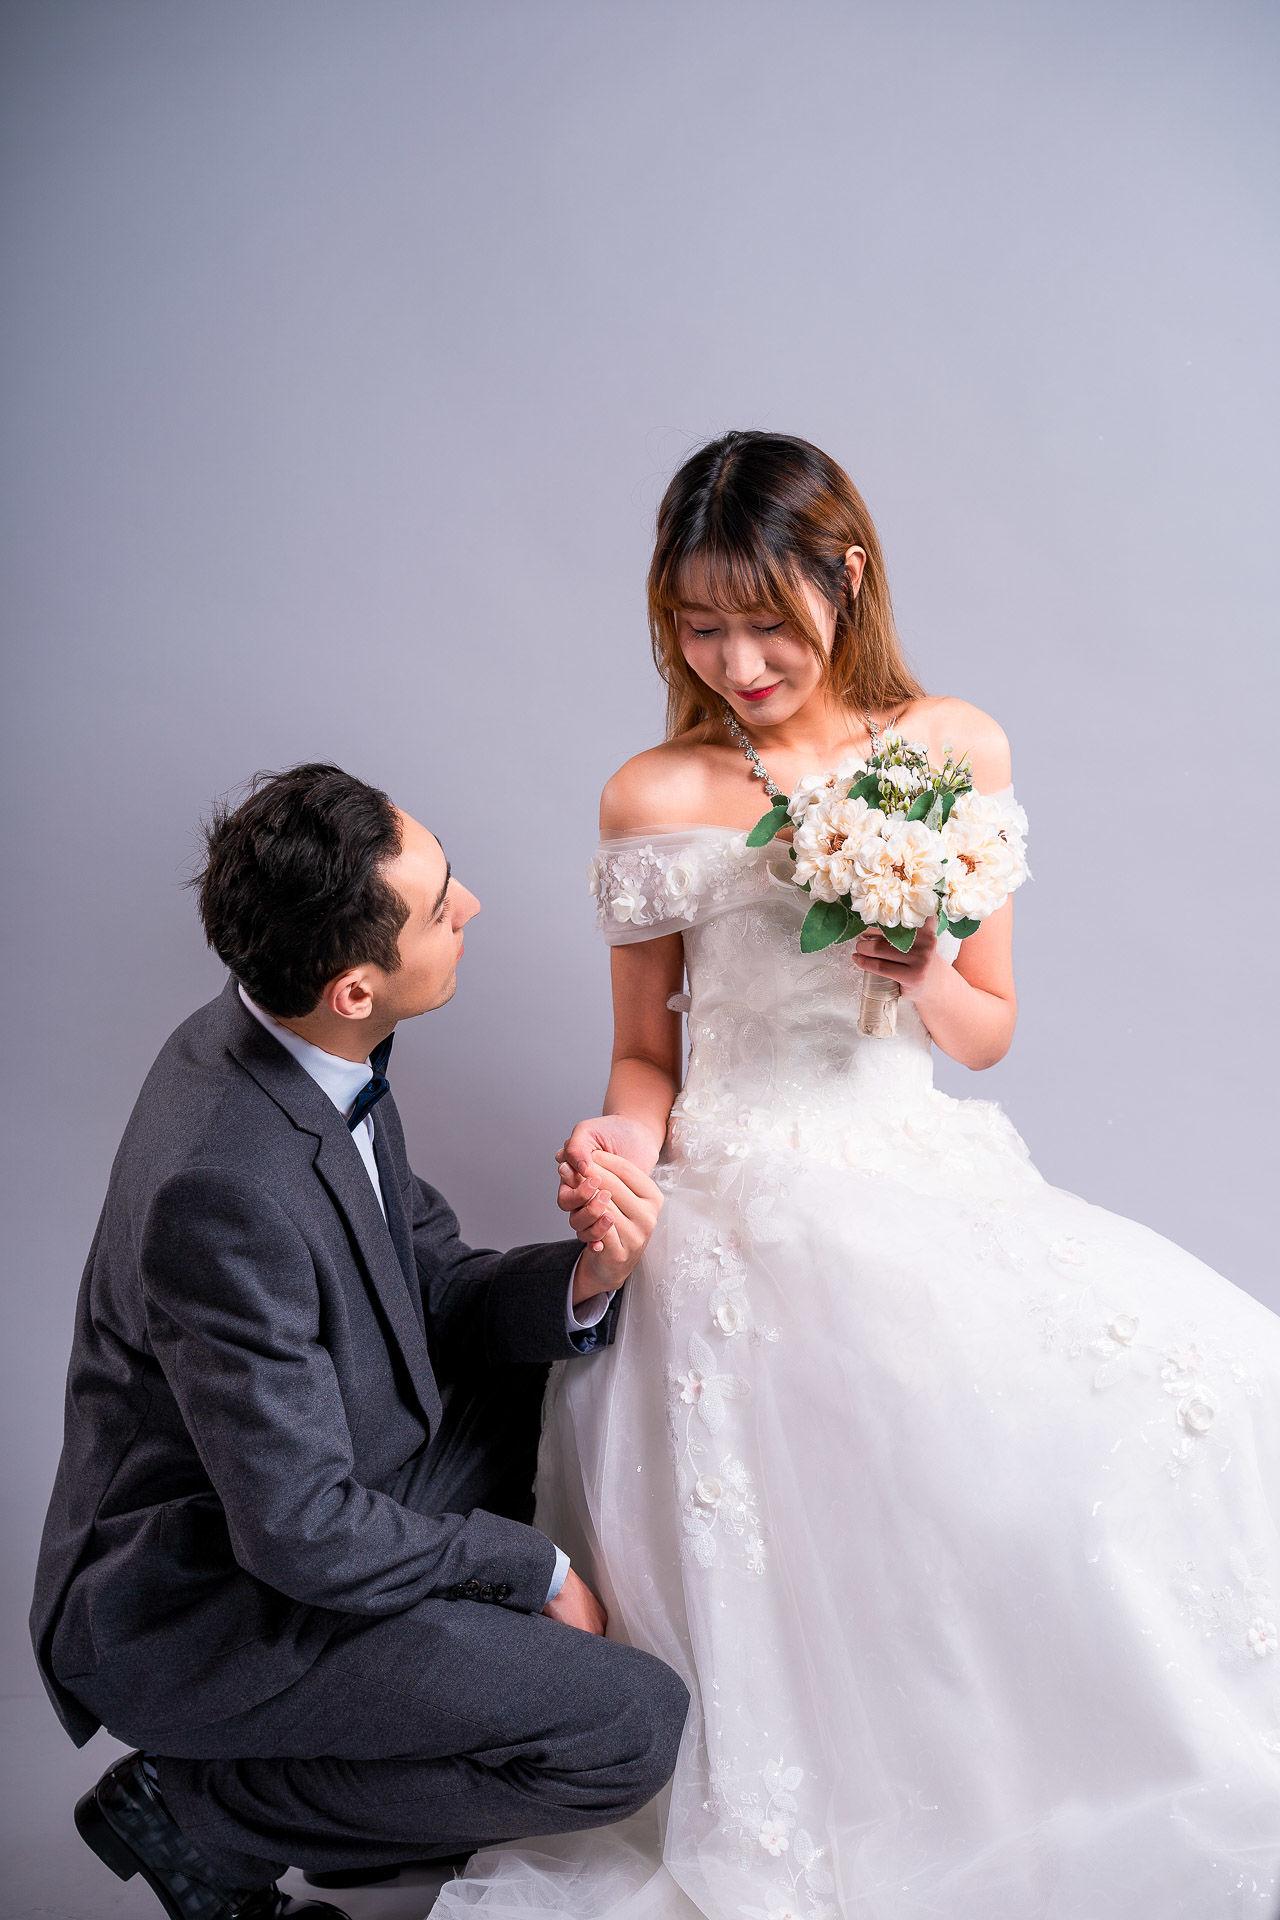 2019-02-19 轻羽视觉棚拍 汉服加婚纱_摄影师晦恩 模特小布 怪妹妹